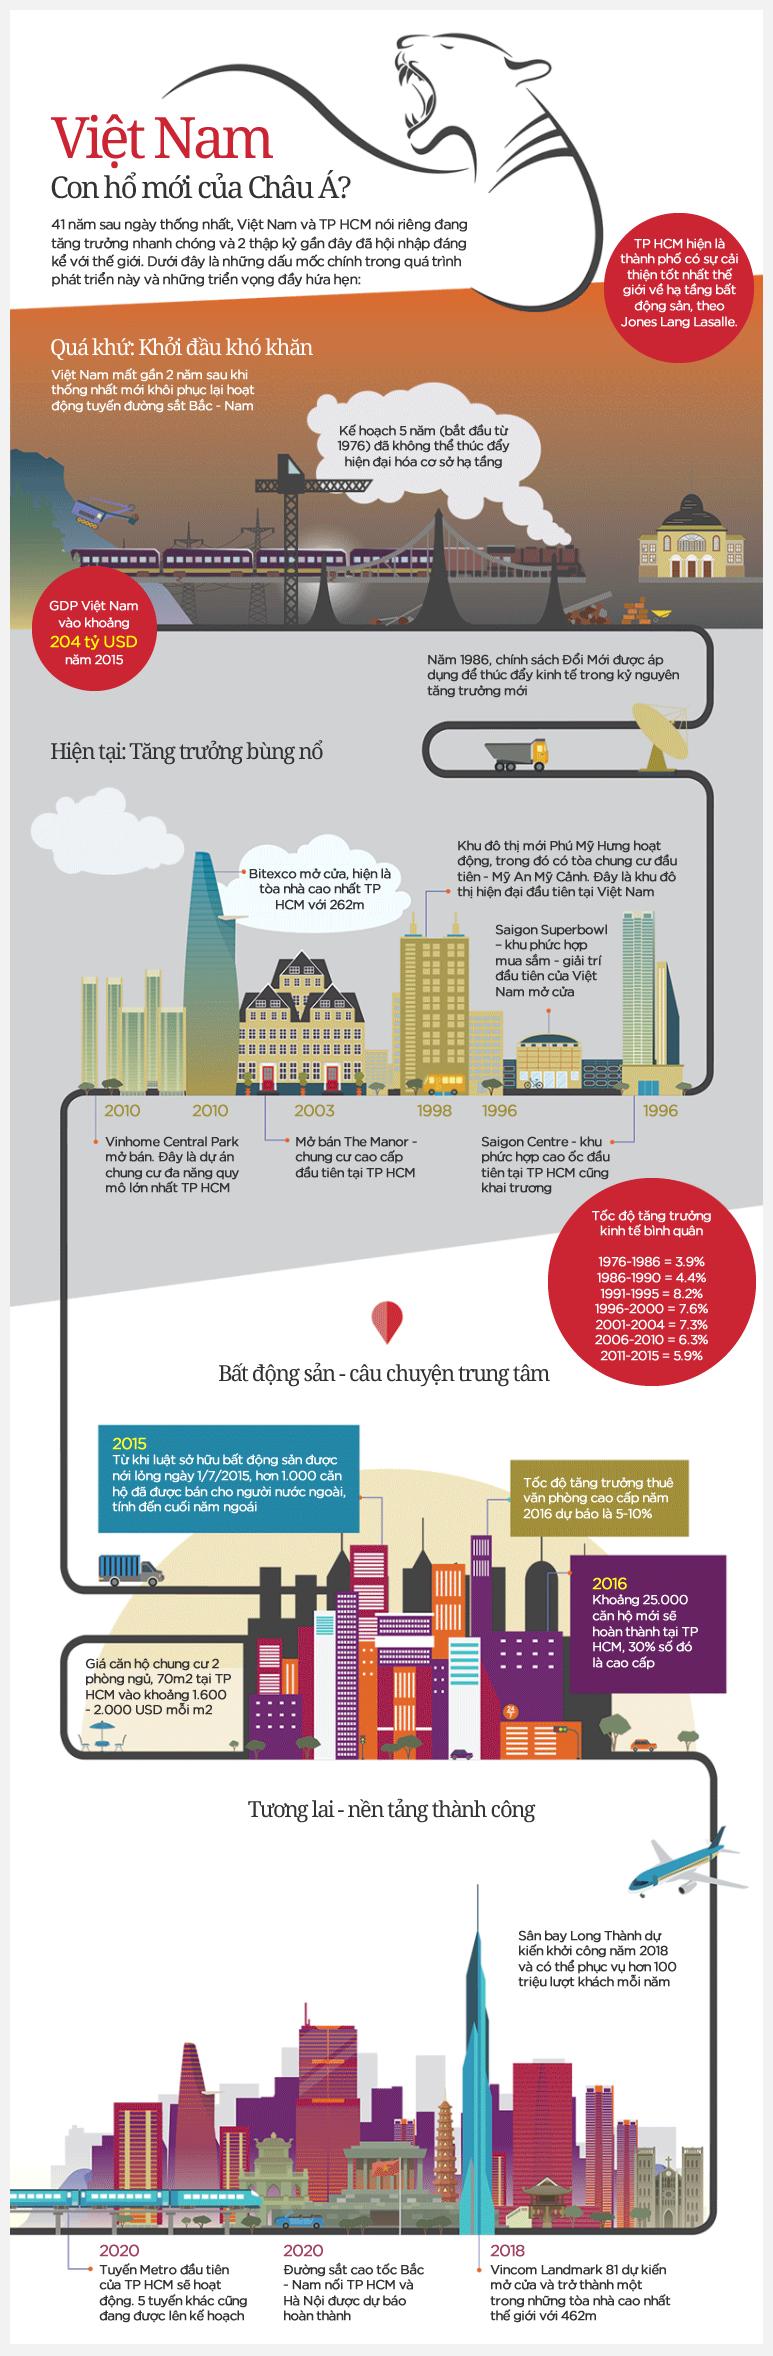 Việt Nam 41 năm thống nhất nhìn từ đô thị TP HCM